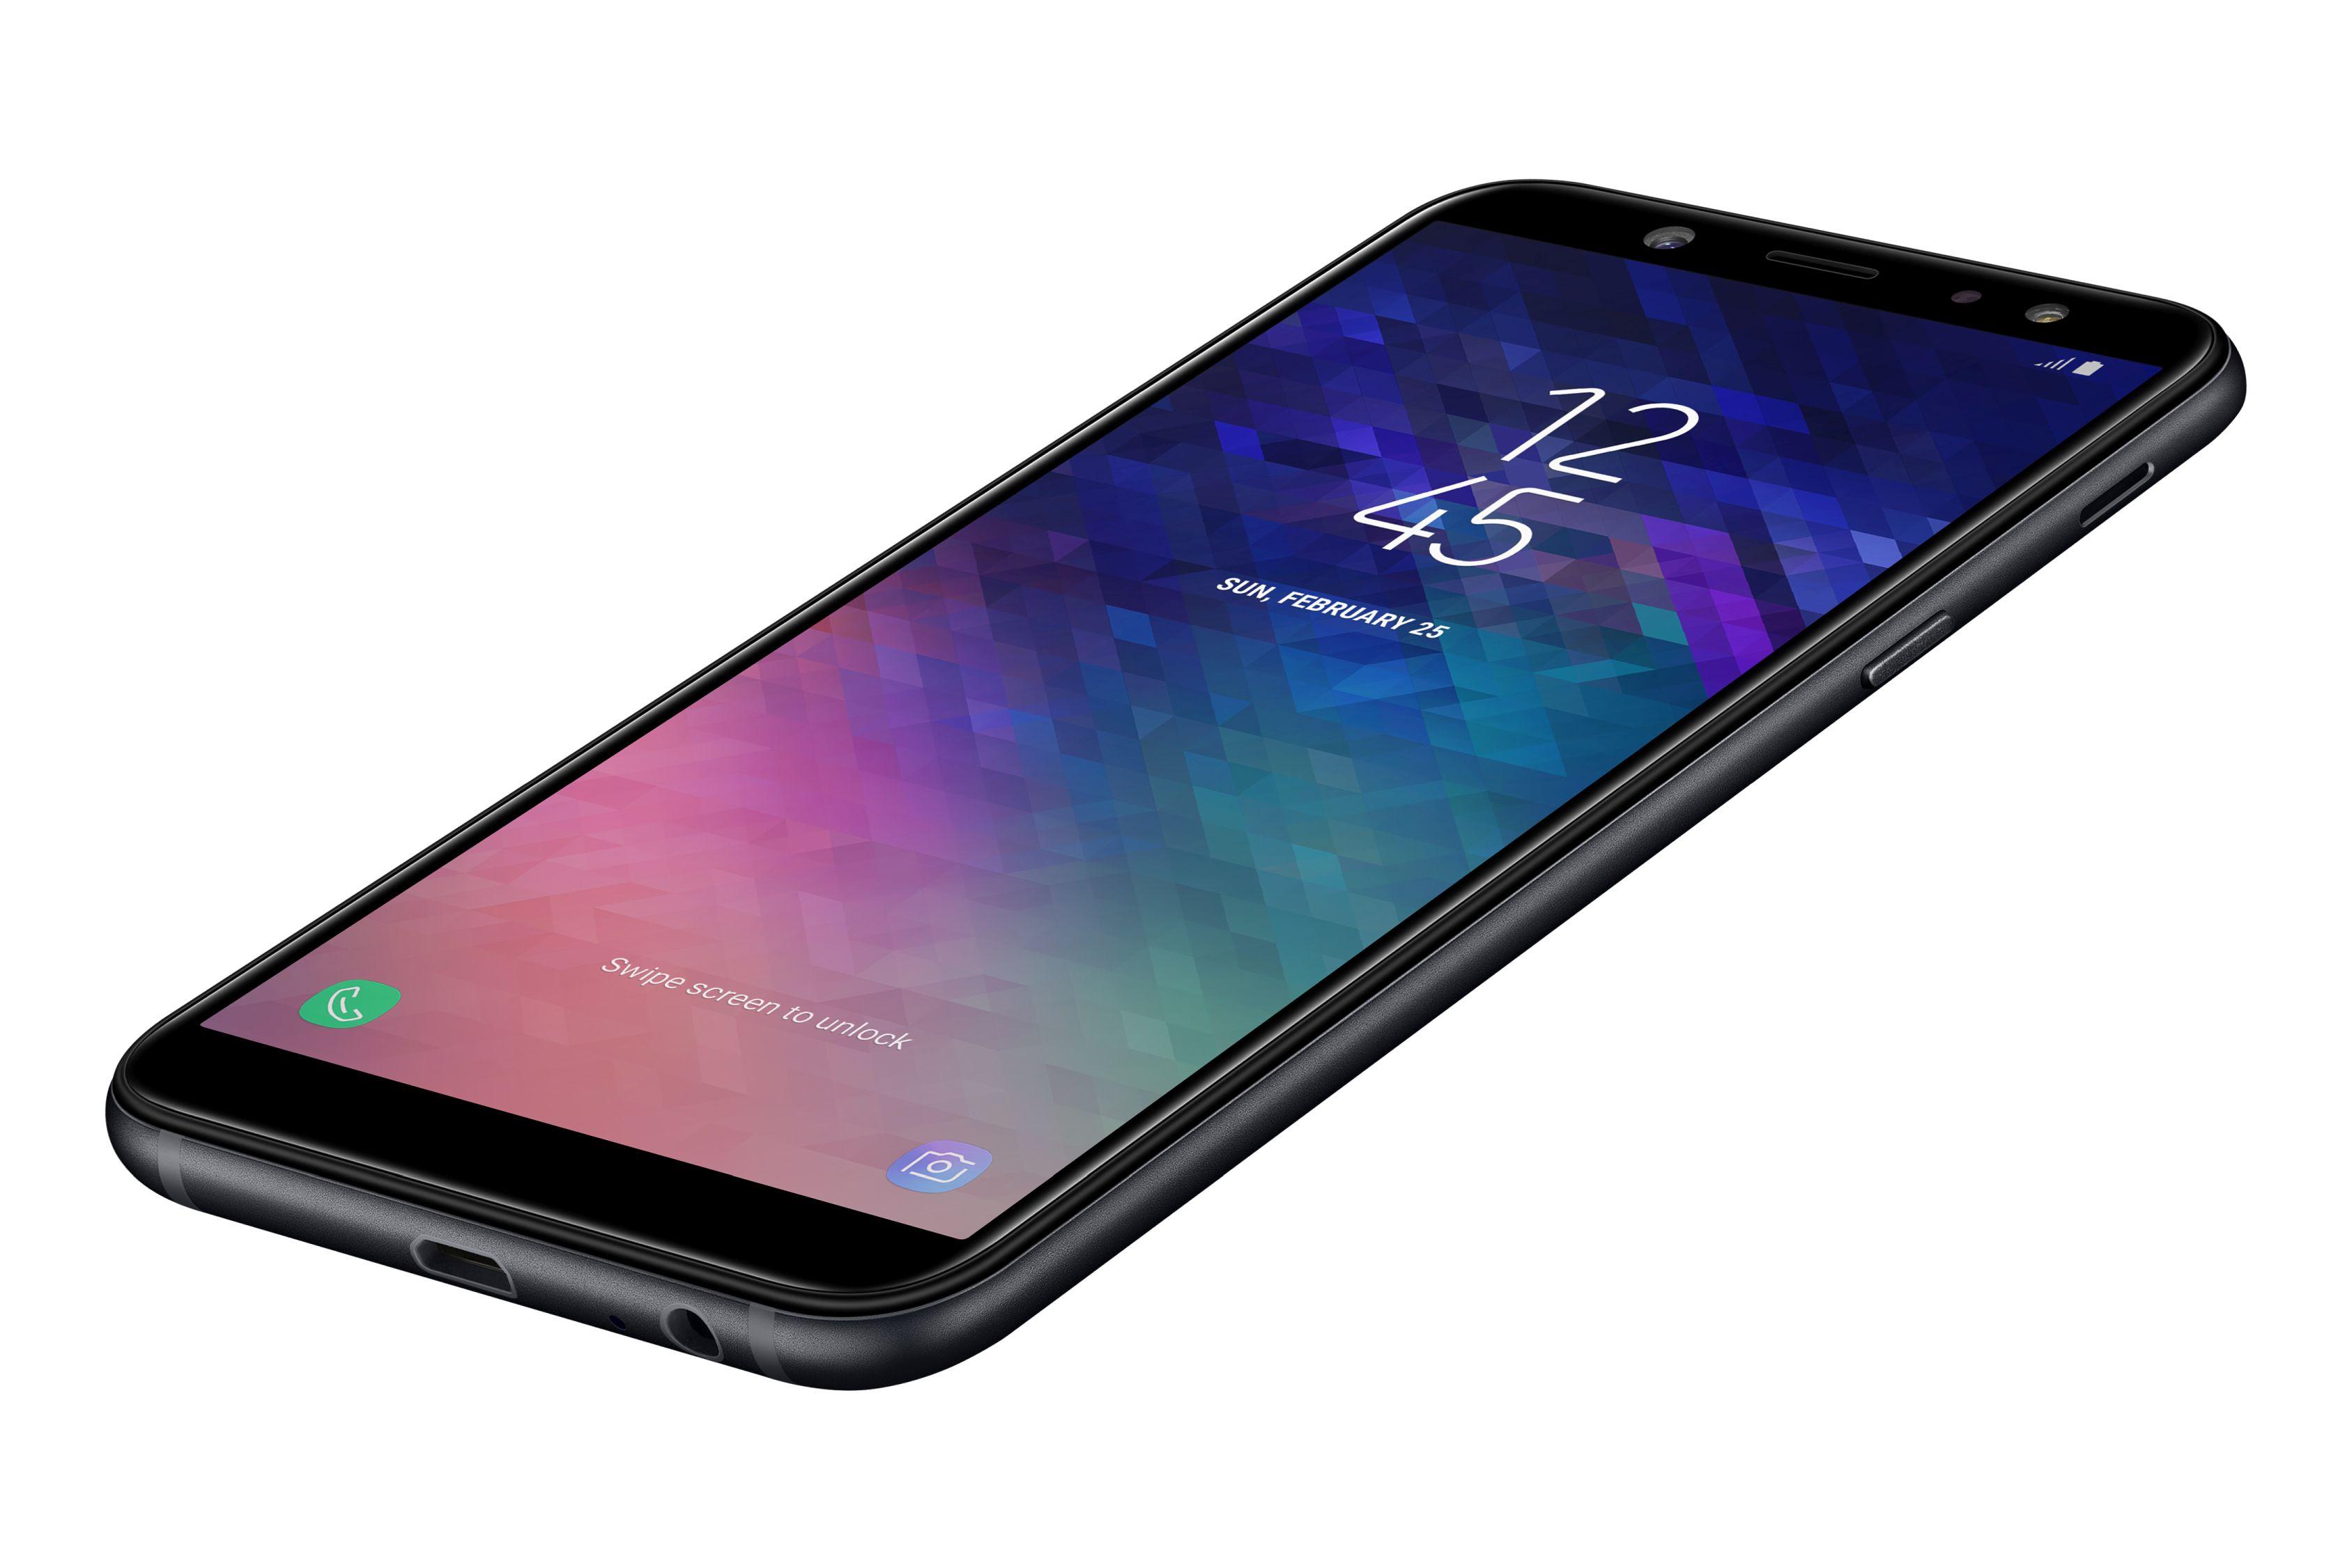 Samsung Galaxy A6 Preis Release technische Daten und Bilder alle Infos bei GIGA